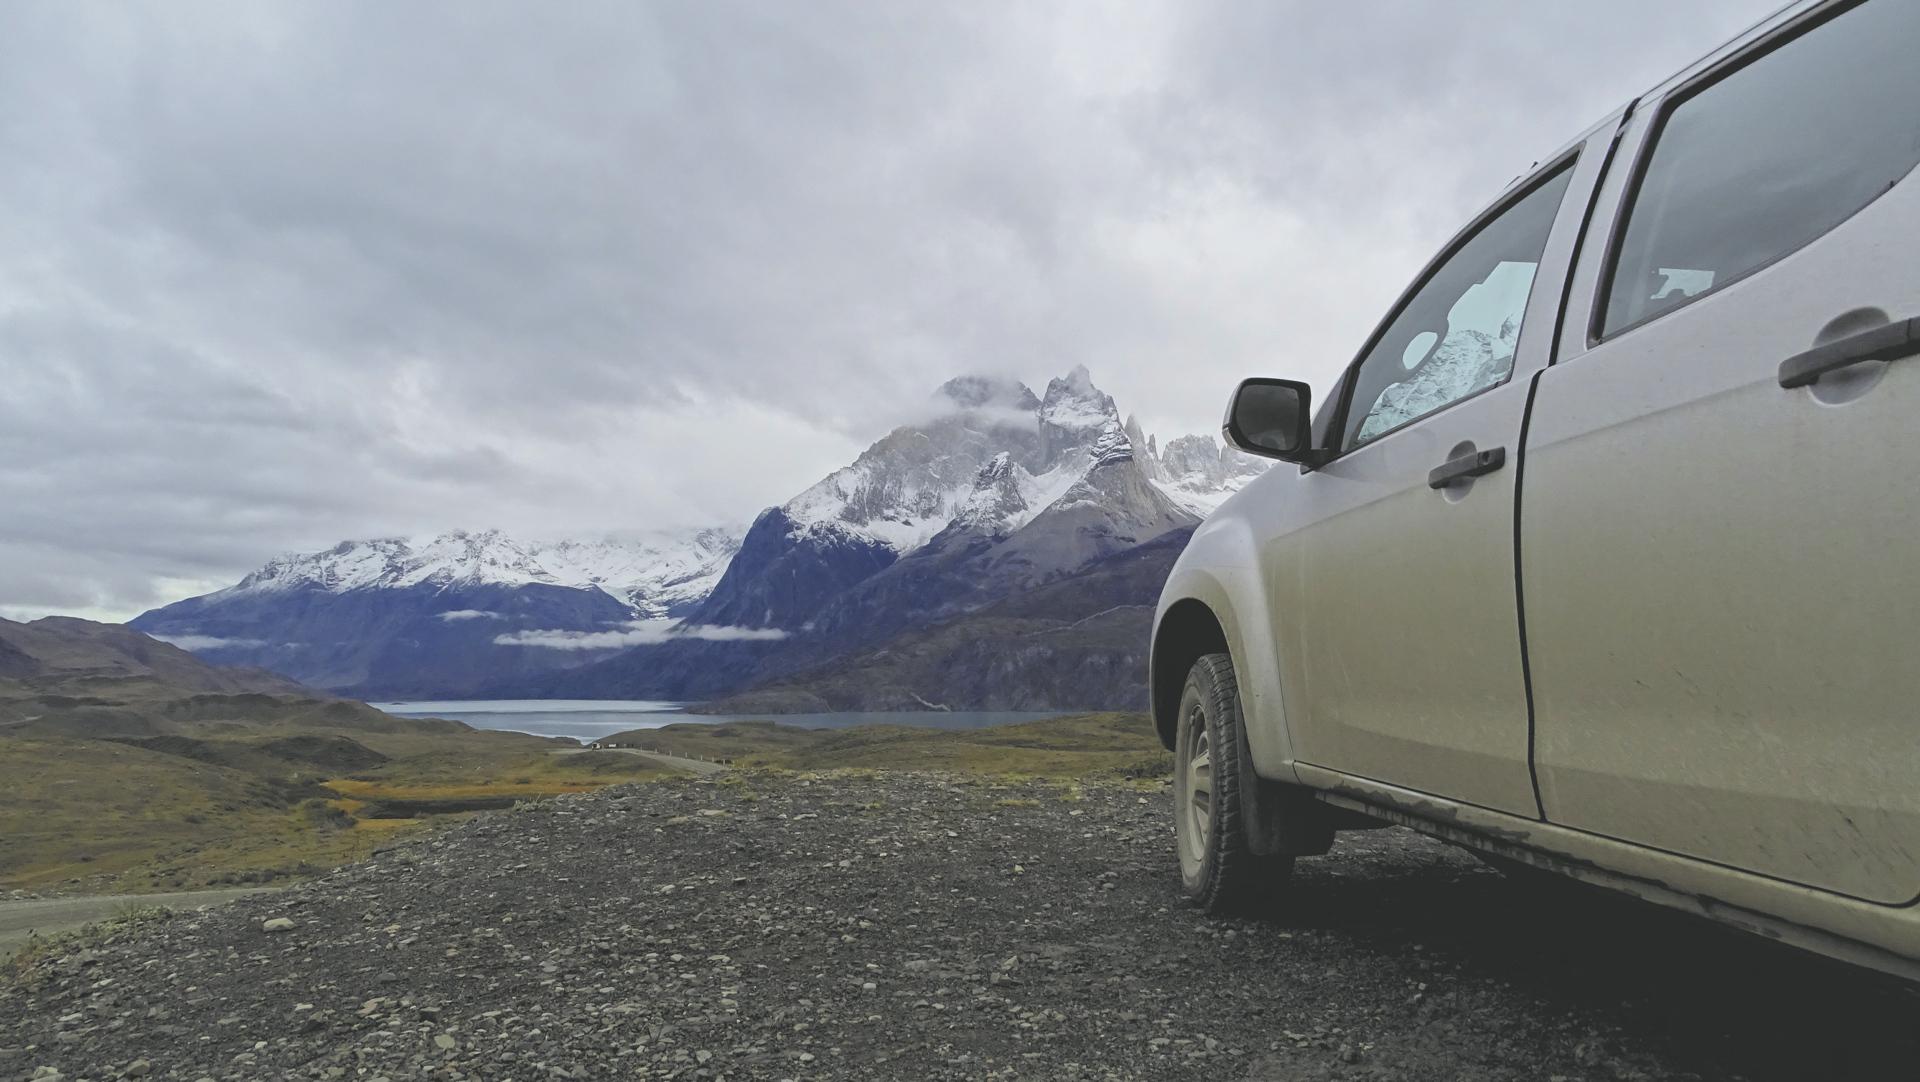 Unterwegs im Nationalpark Torres del Paine